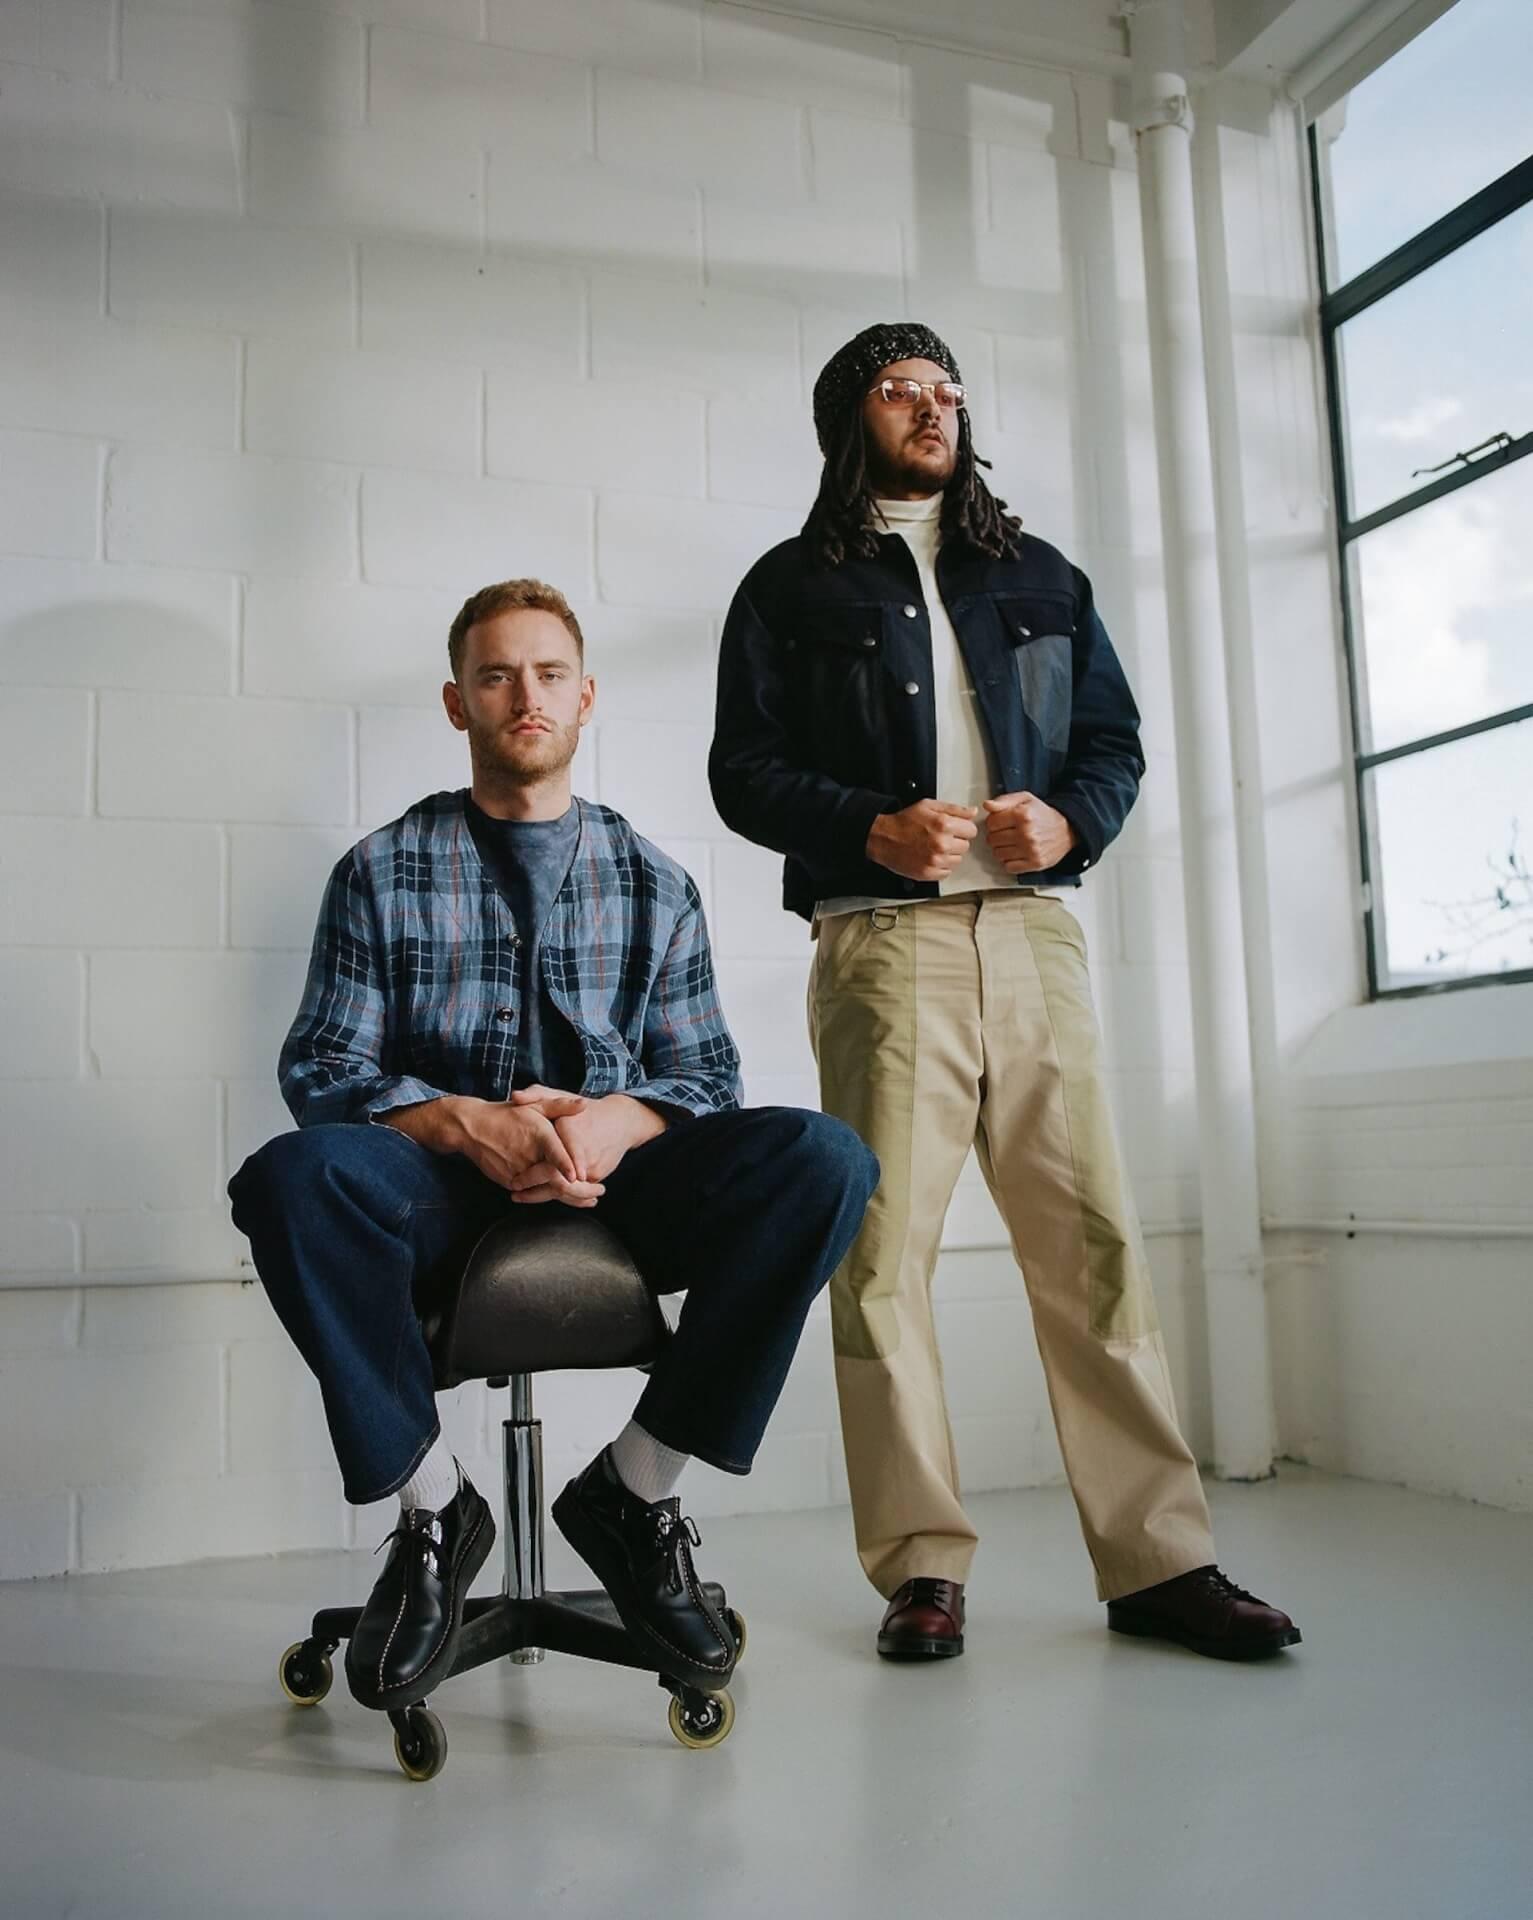 Tom MischとYussef Daysのコラボアルバム『What Kinda Music』のメイキング短編ドキュメンタリーが公開! music200427_tom_misch_documentary_02-1